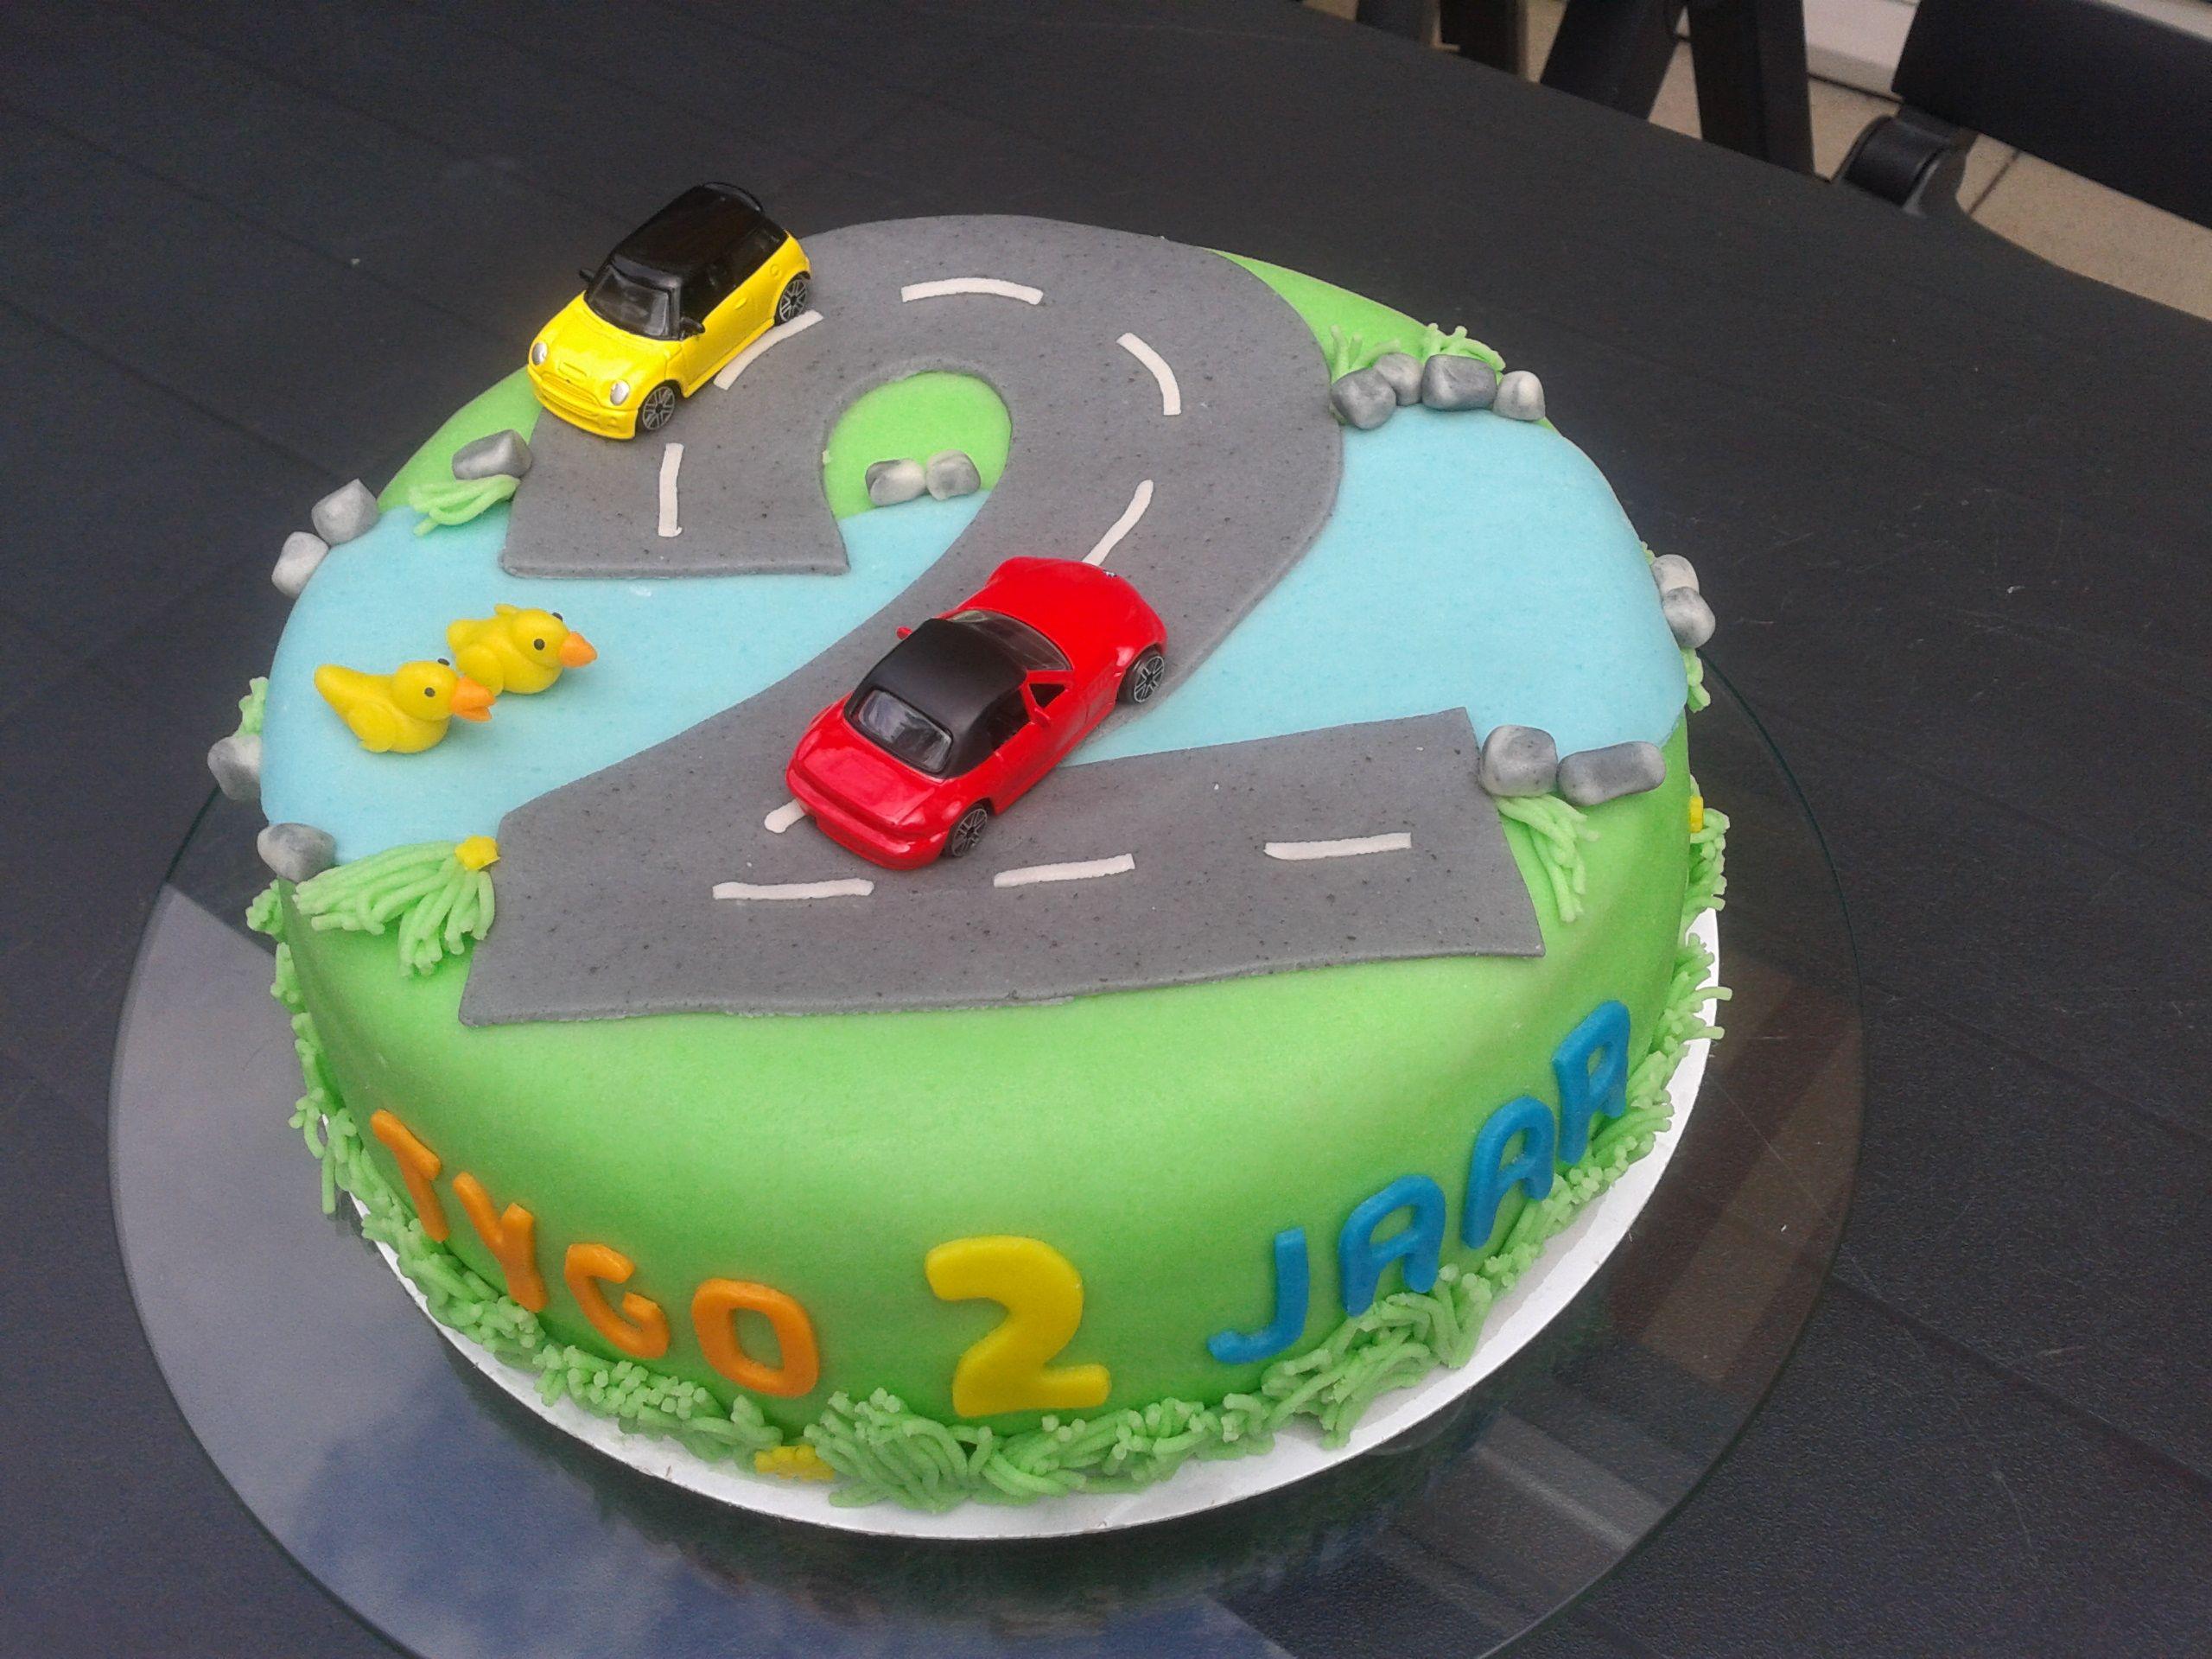 taart auto Auto taart | Taart allard | Pinterest | Cake, Birthdays and  taart auto